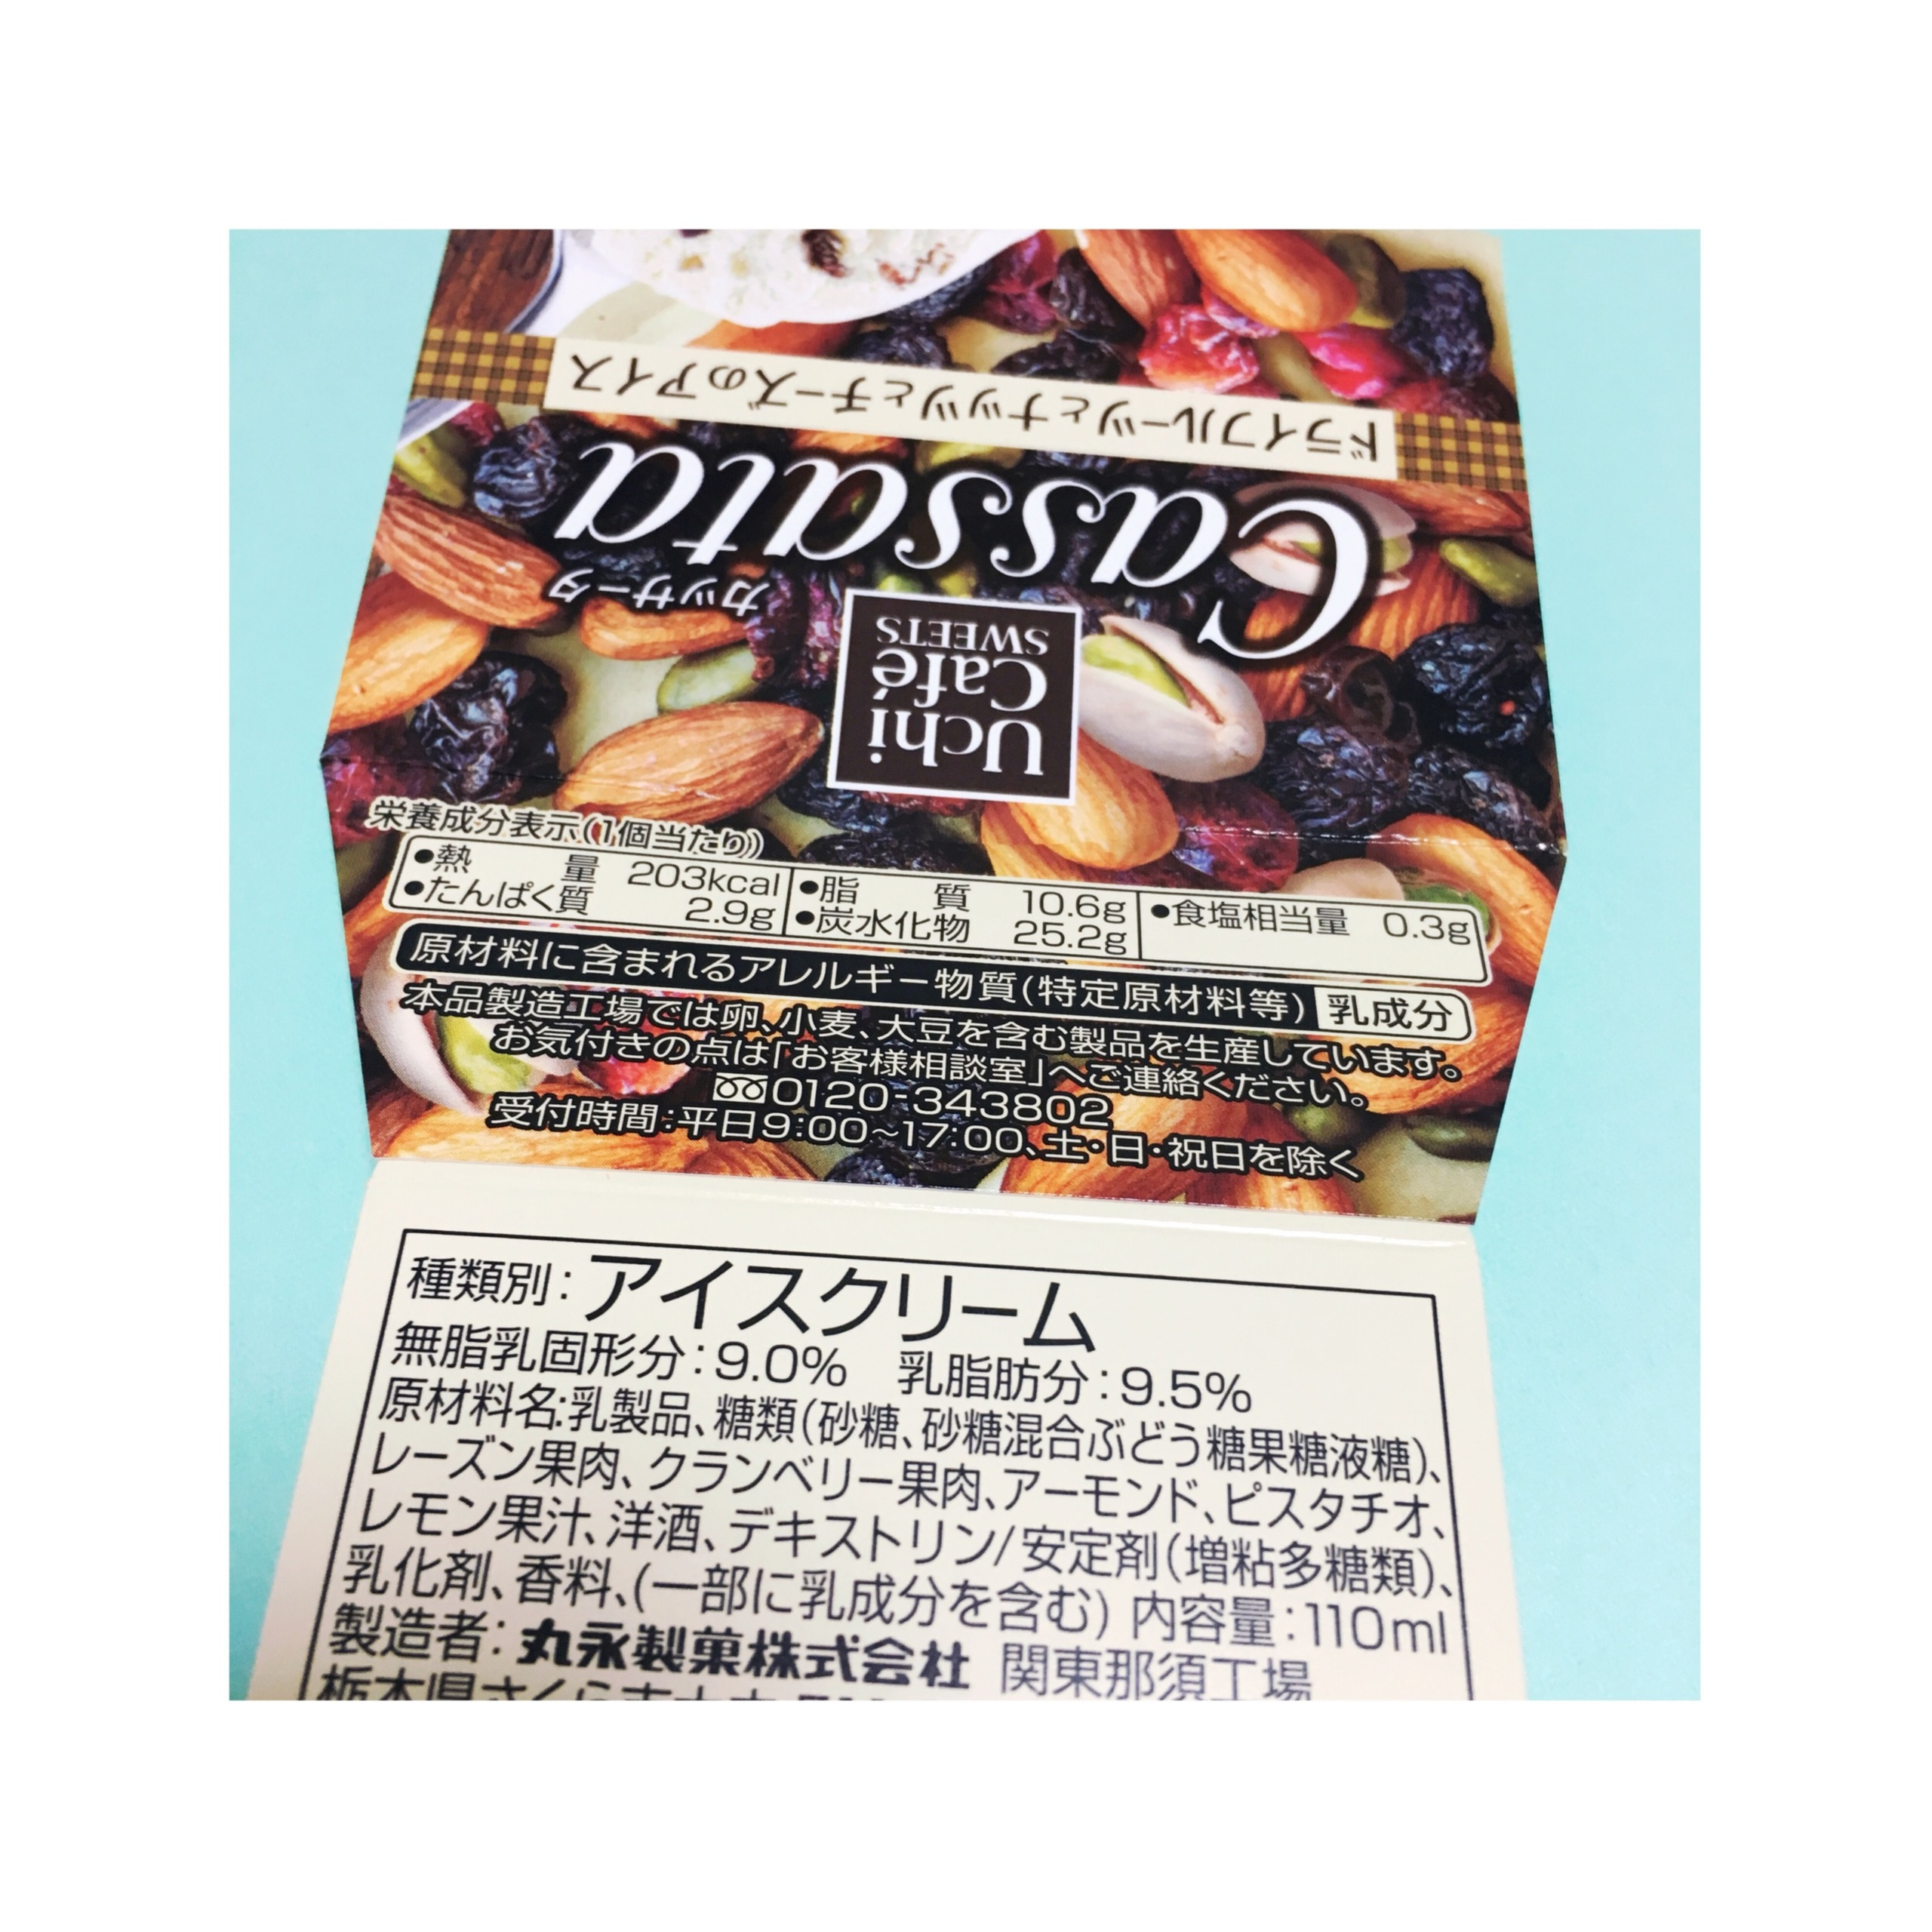 《11/28発売!LAWSON Uchi Cafe Sweets × kiriがコラボ★》【コンビニアイス】Cassata-ドライフルーツとナッツとチーズのアイス-がおいしい❤️_4